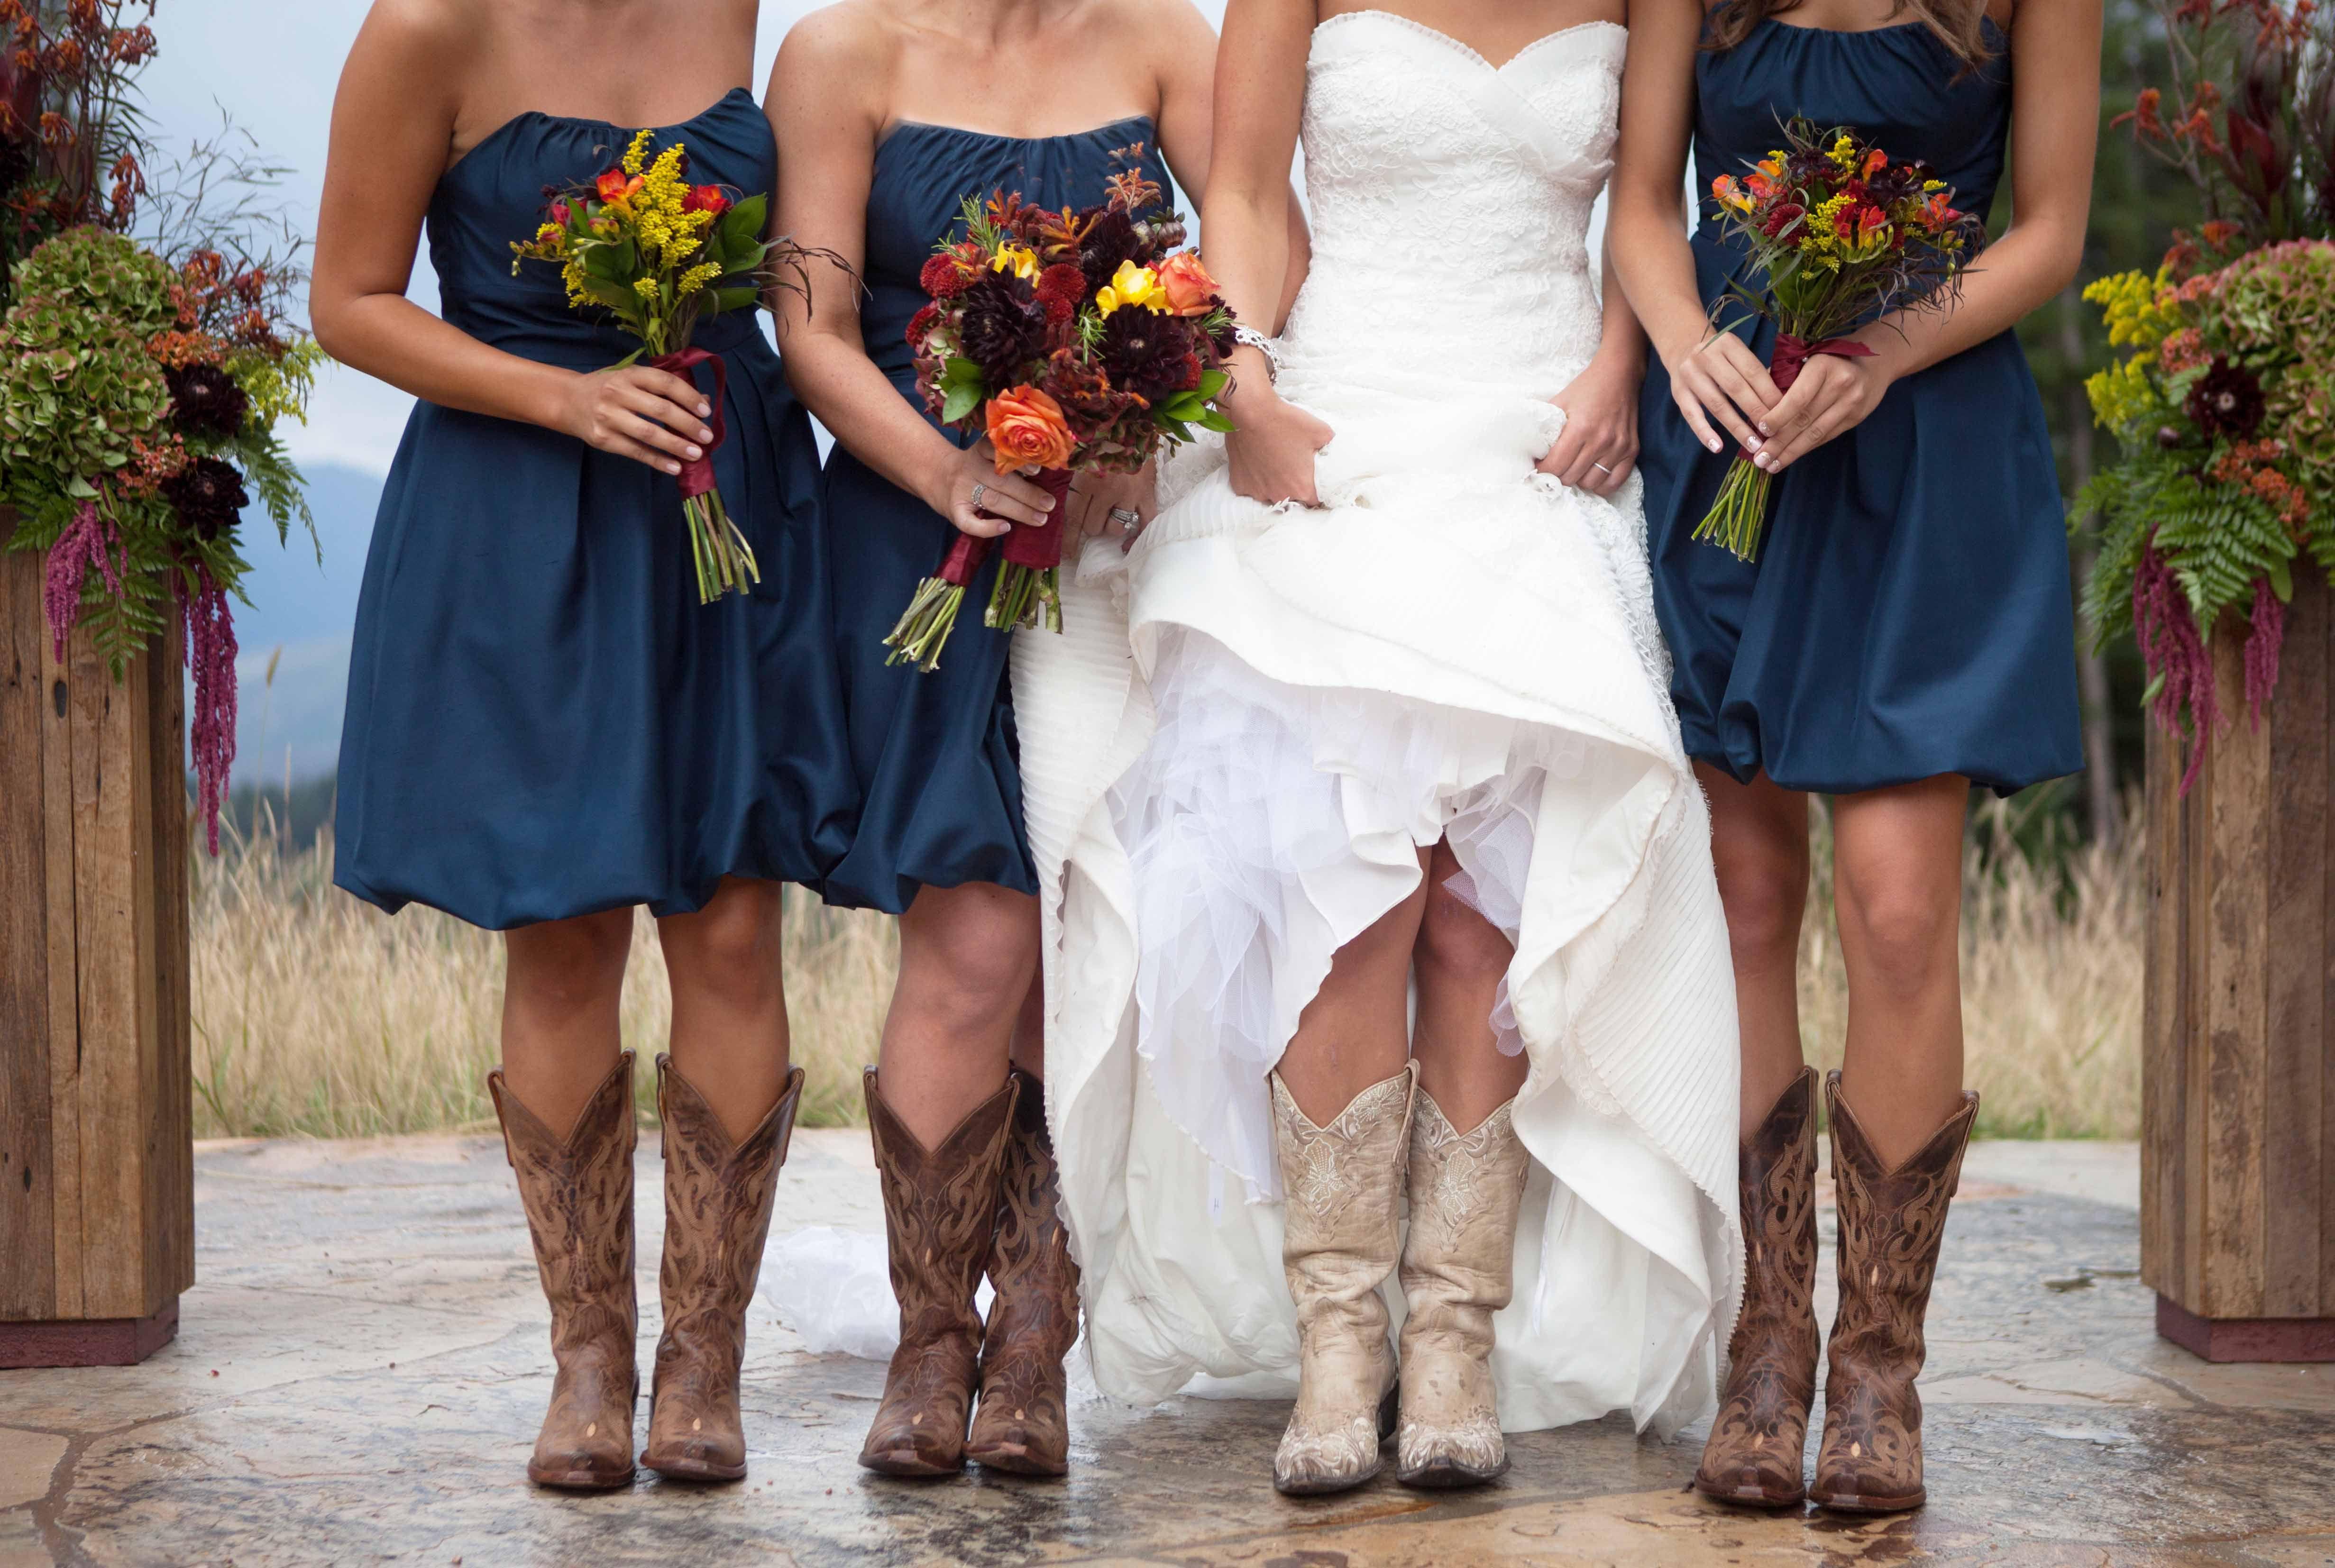 Gestiefelte Hochzeit - So schön in Western Boots | Hochzeit... in ...